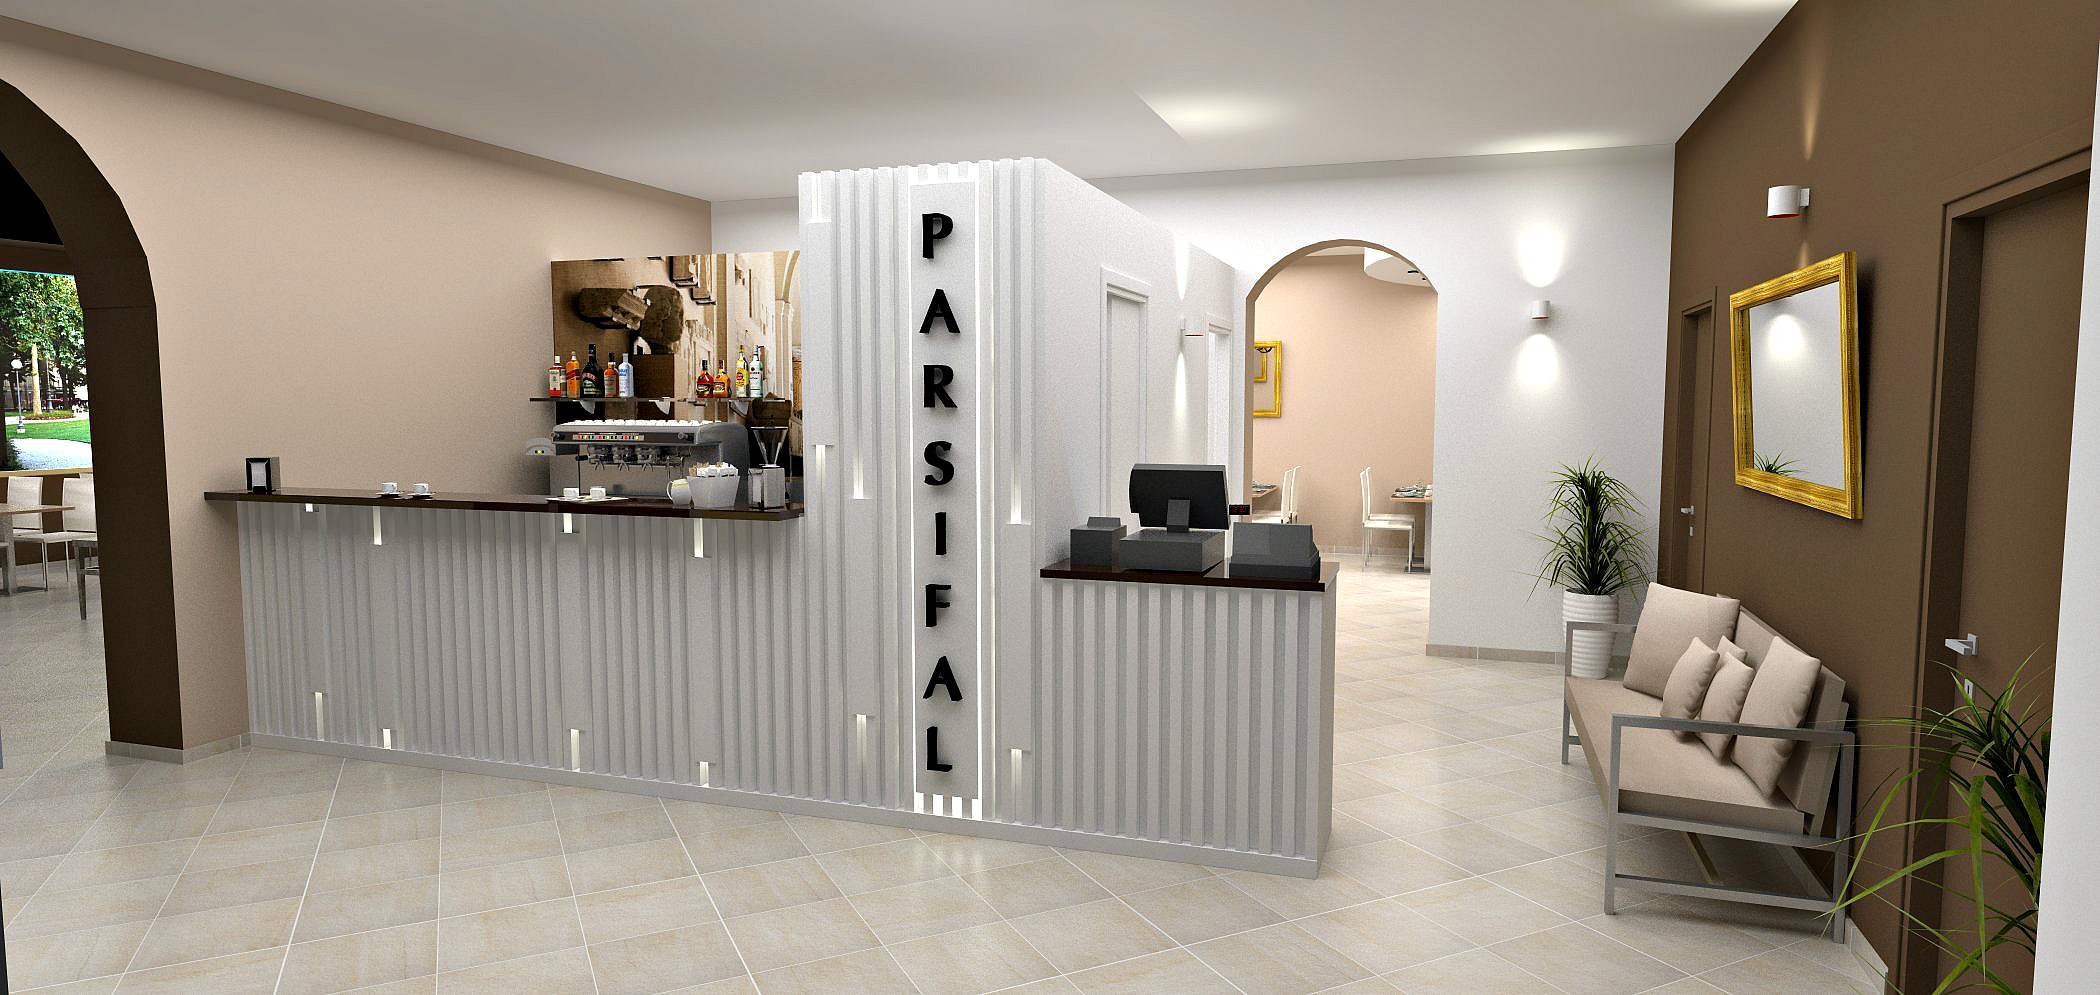 Rendering dell'ingresso pensato per il Ristorante Pizzeria Parsifal a Curnasco in Provincia di Bergamo